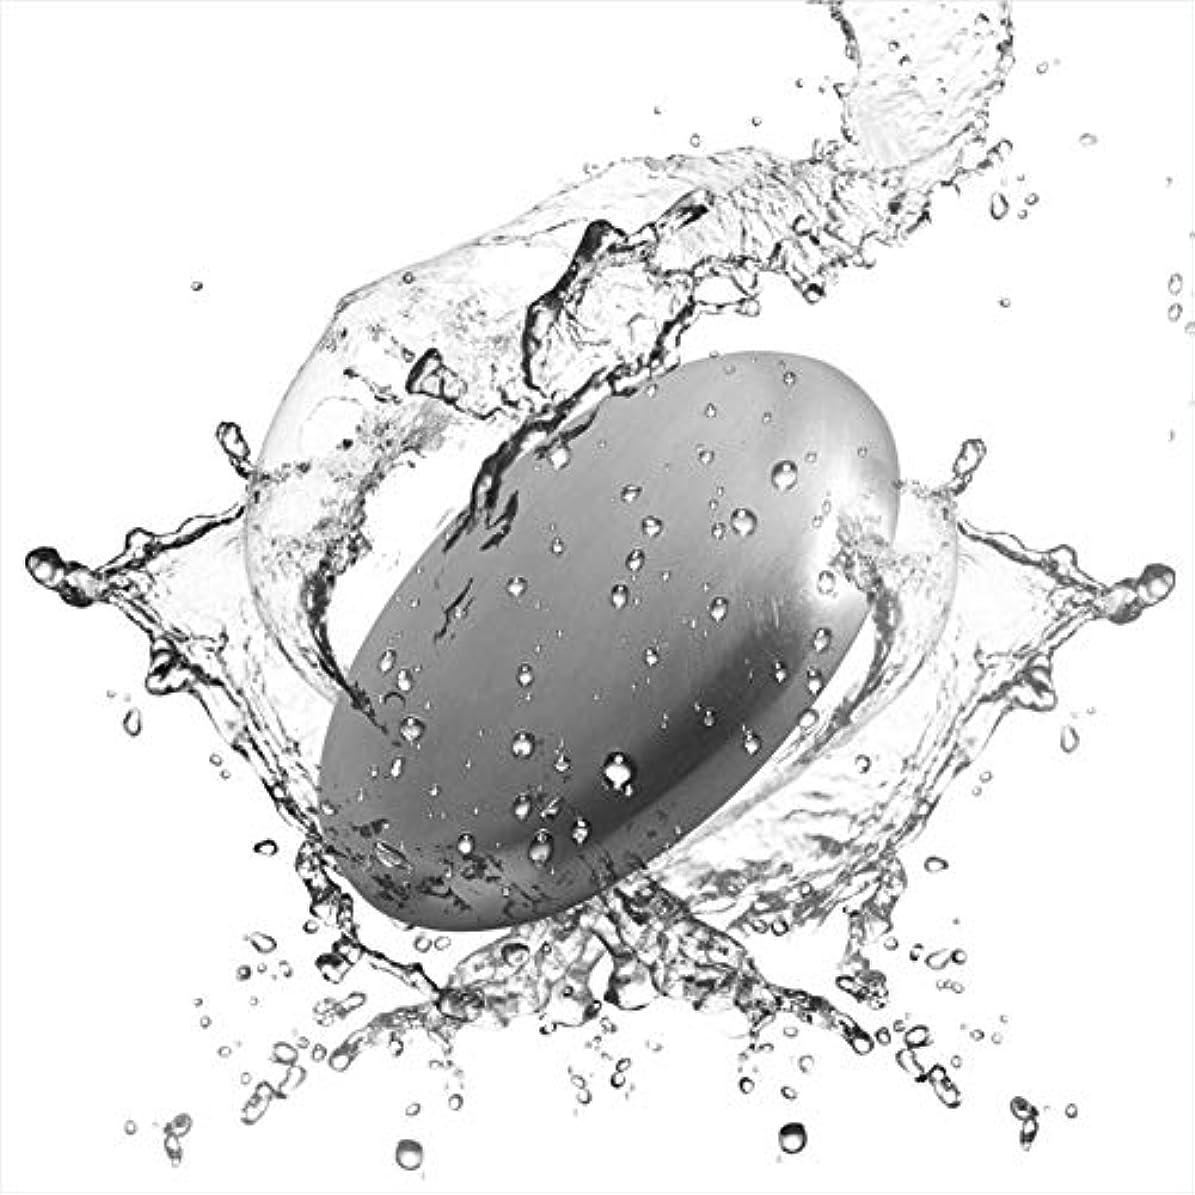 風景クラフトダイヤモンドRefoiner ステンレス製品 ソープ 実用的な台所用具 石鹸 魚臭 玉ねぎやニンニク 異臭を取り除く 2個